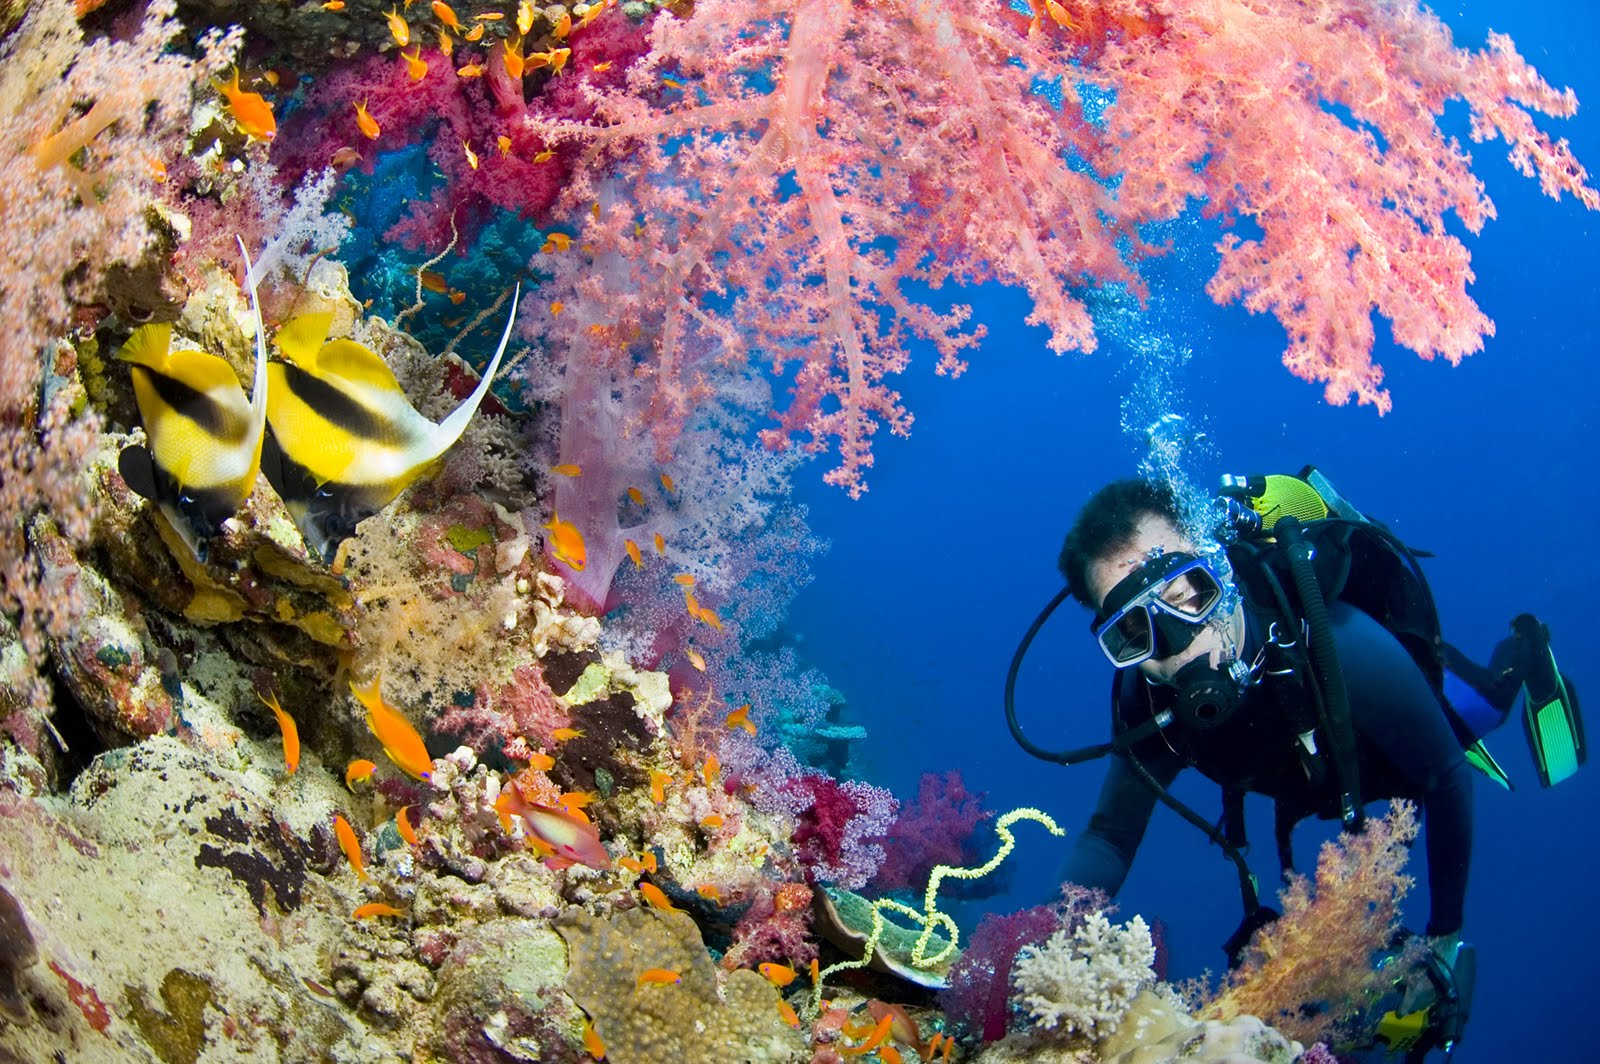 صوره صور شرم الشيخ , جنة حقيقية على الارض مليئة بالمناظر الخلابة